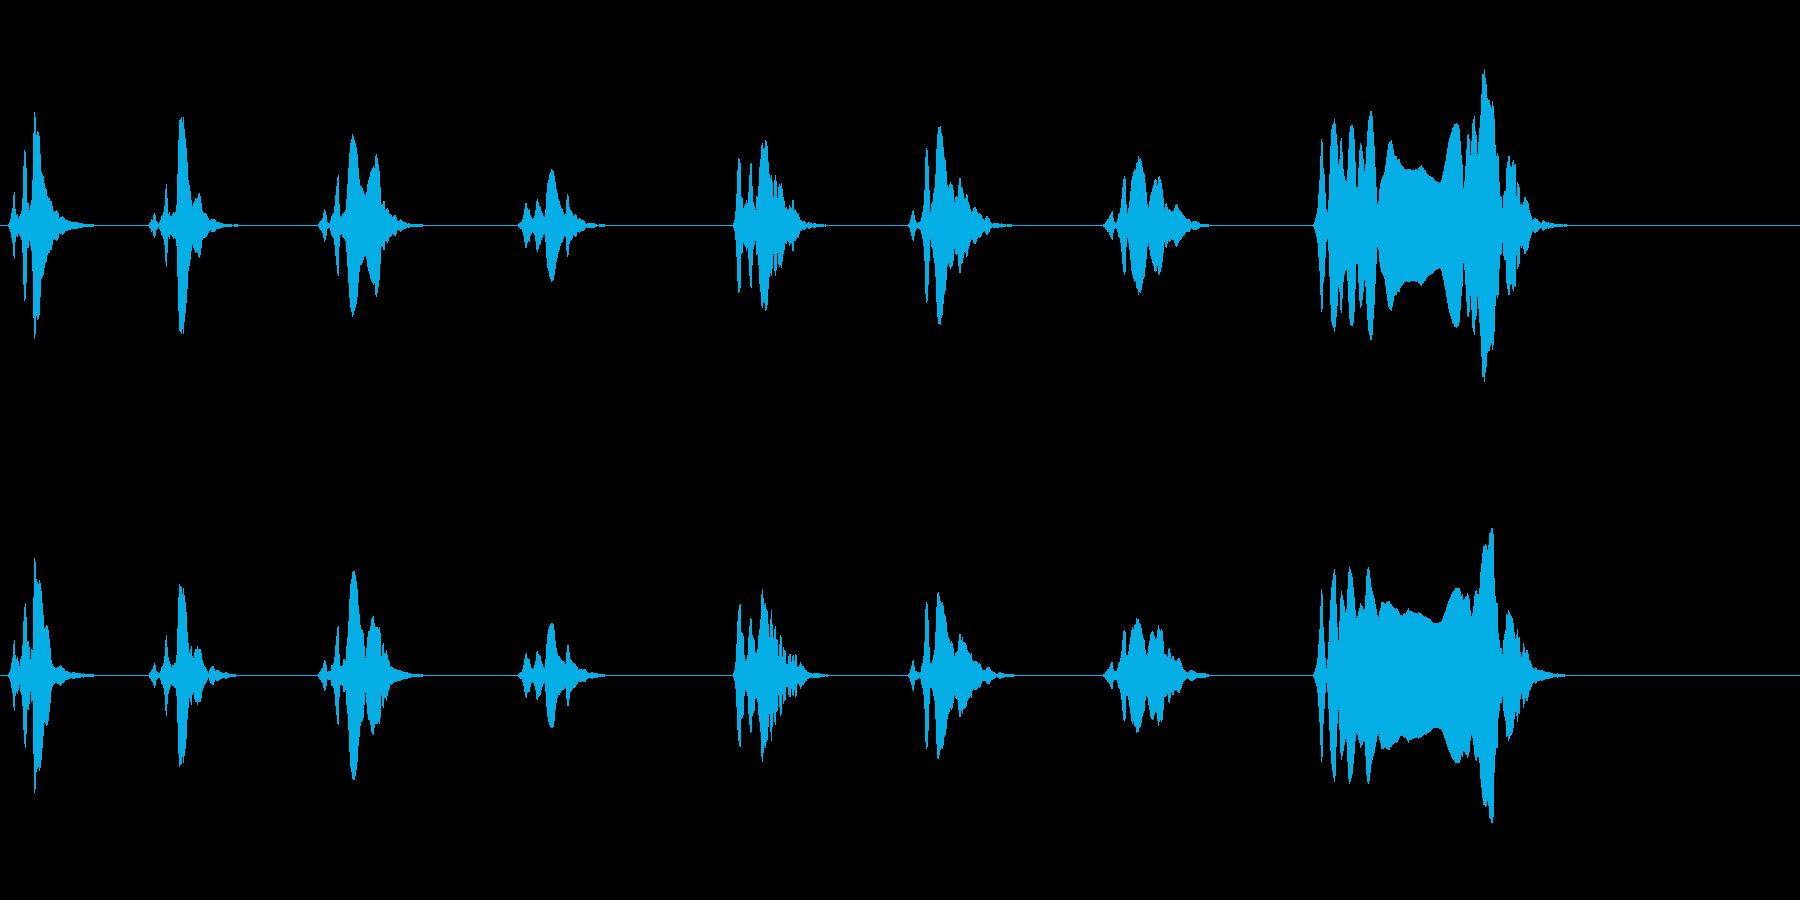 尺八 生演奏 古典風 残響音無 8の再生済みの波形